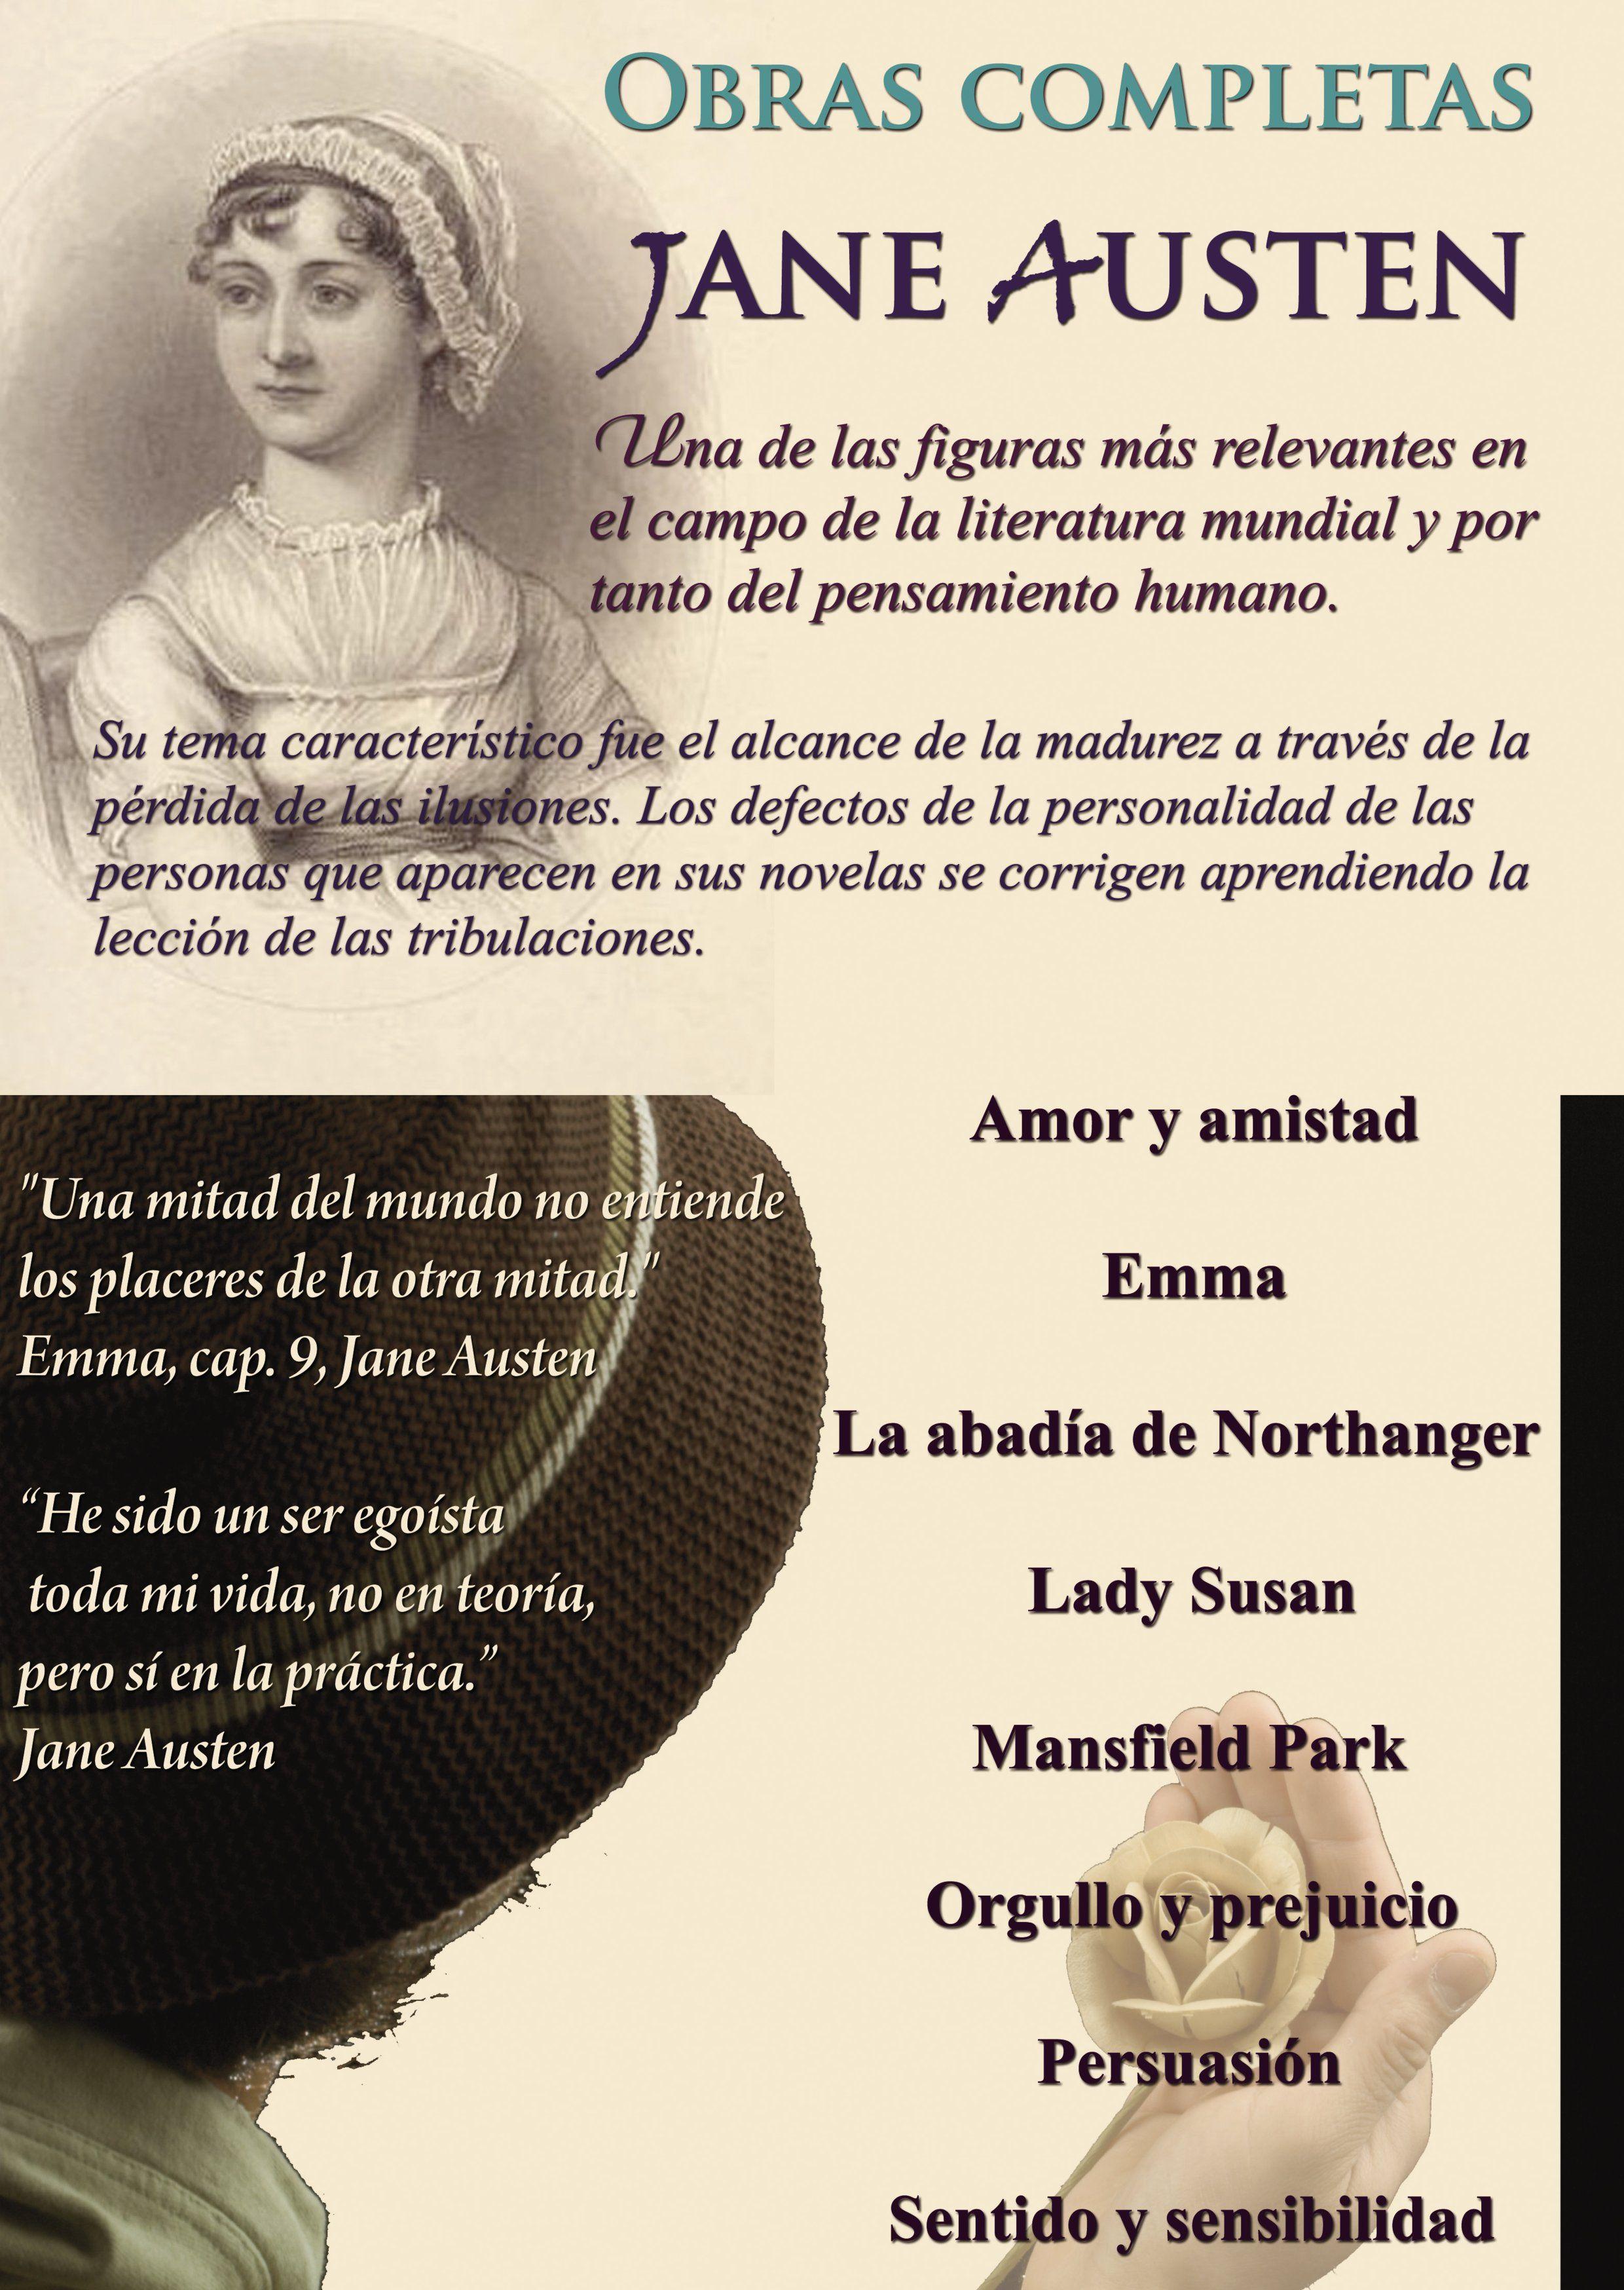 JANE AUSTEN DOS POEMAS ESCOGIDOS LIBROS POESAS ESCOGIDAS EN INGLéS TRADUCIDAS AL ESPA'OL BIOGRAFA